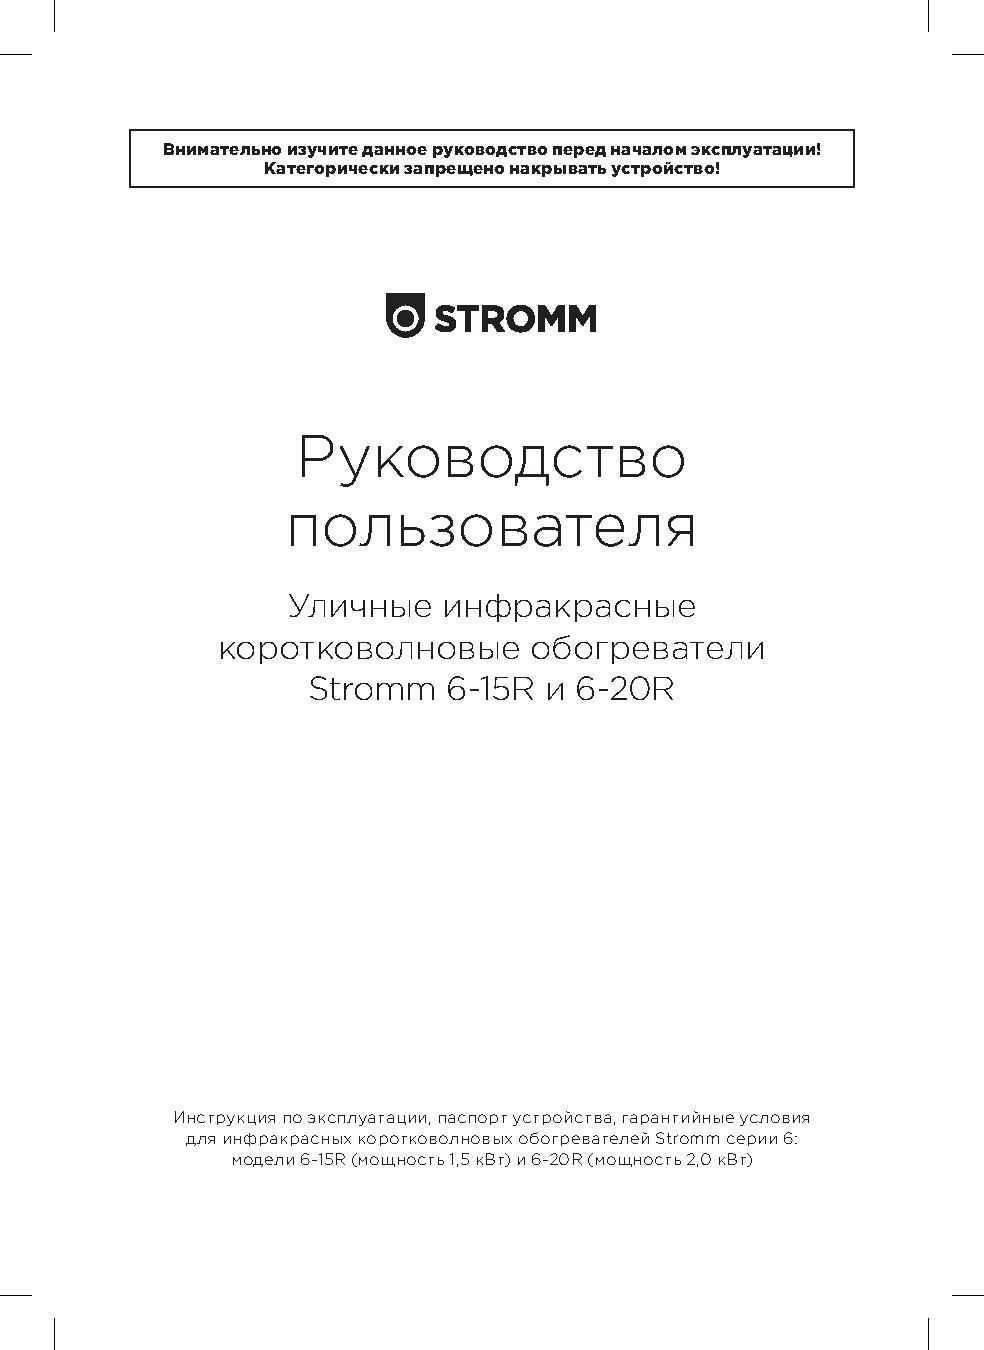 Инструкция на обогреватель Stromm 6-20R